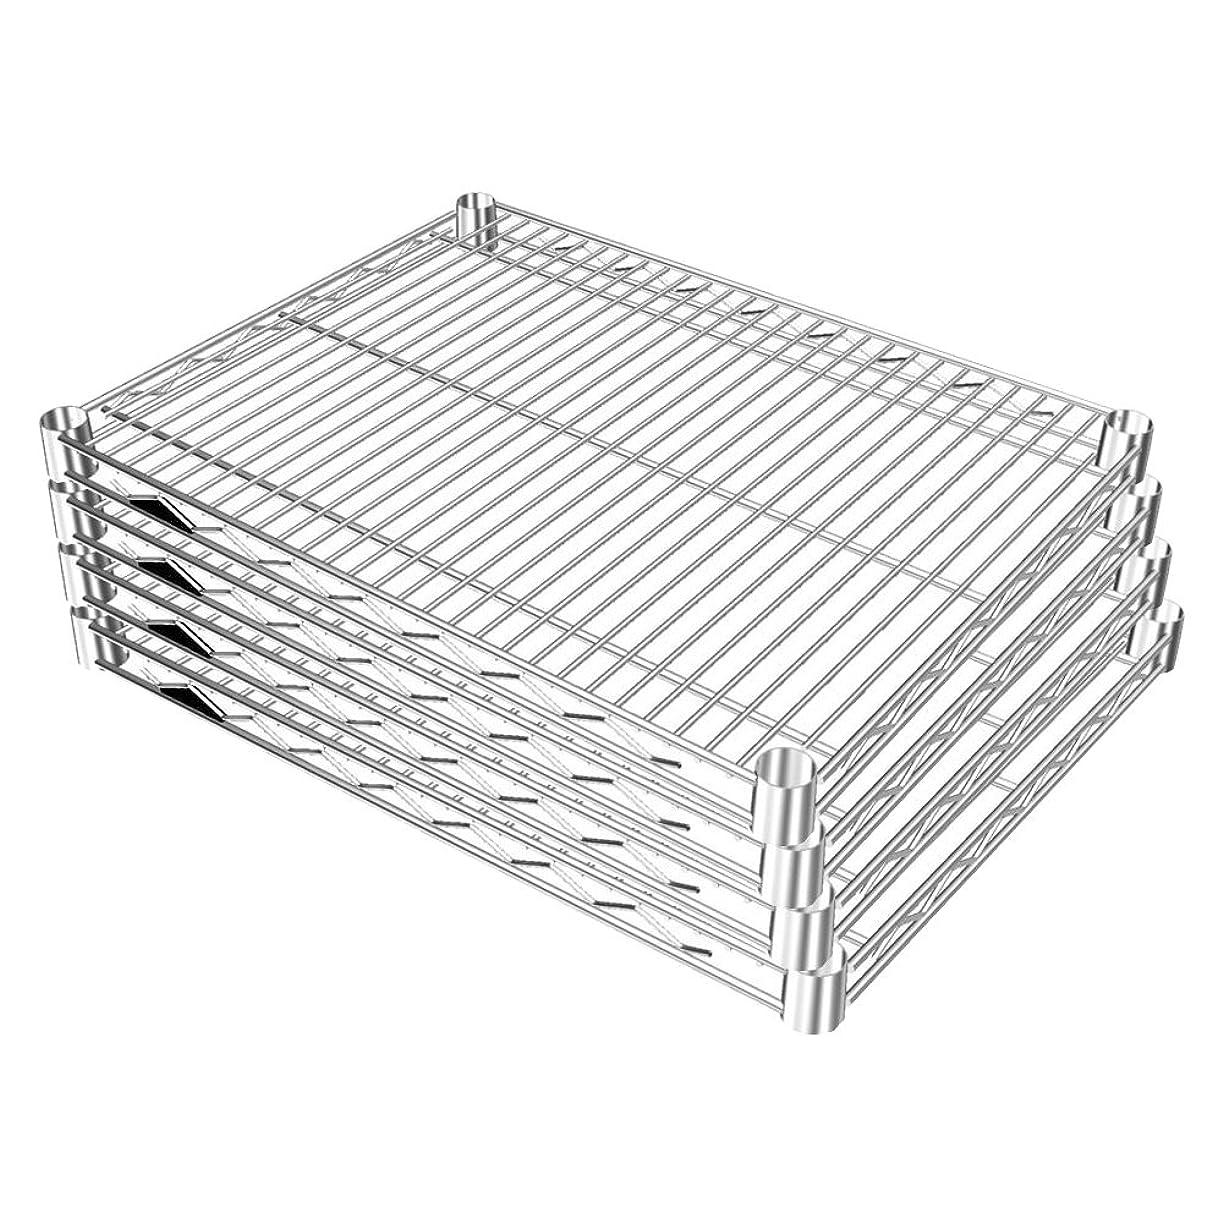 容器くびれた組み込むルミナス ポール径25mm用パーツ 棚板 スチールシェルフ(耐荷重250kg)ワイヤー奥行方向 4枚セット(スリーブ無し) 幅61×奥行46cm SR6045*4